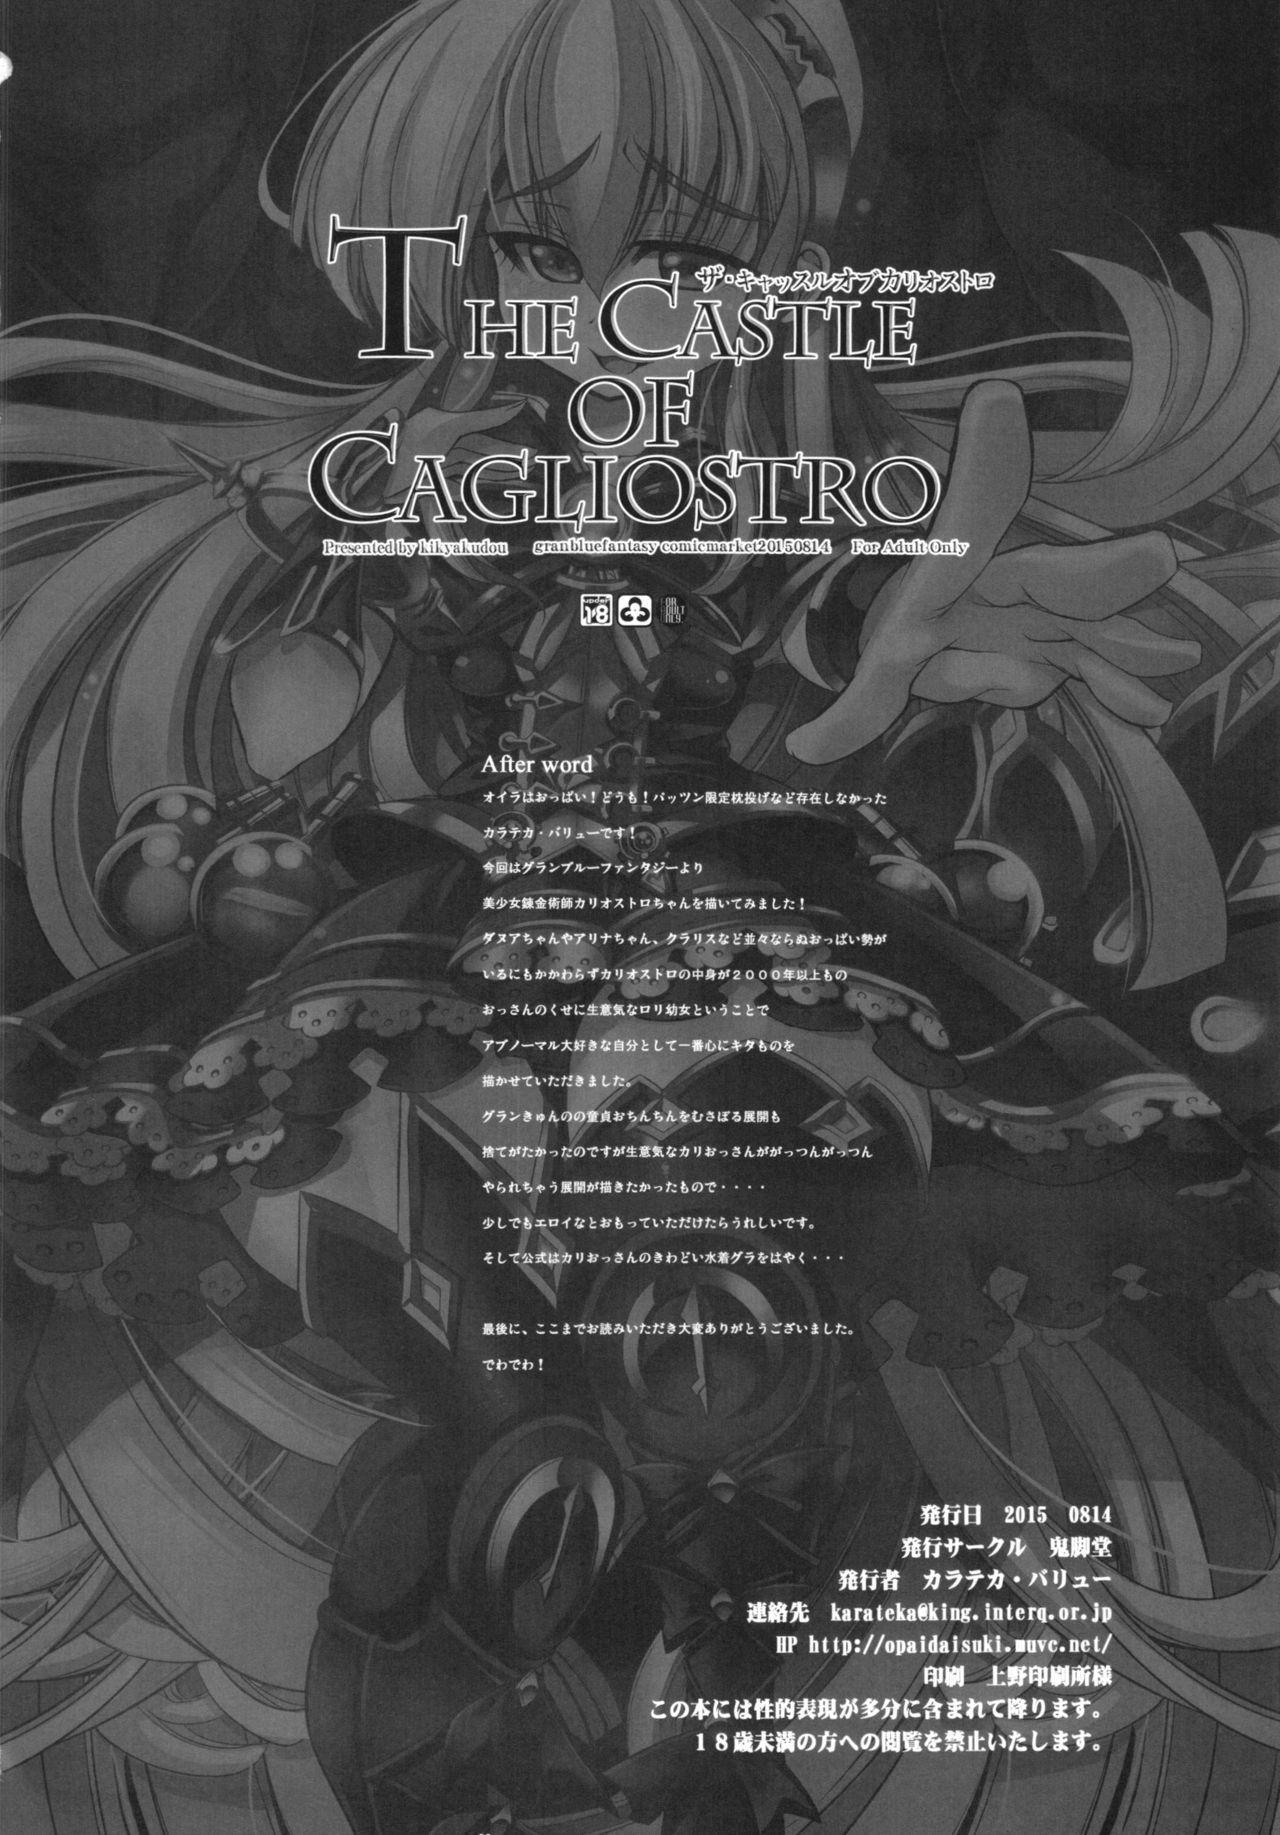 THE CASTLE OF CAGLIOSTRO 23